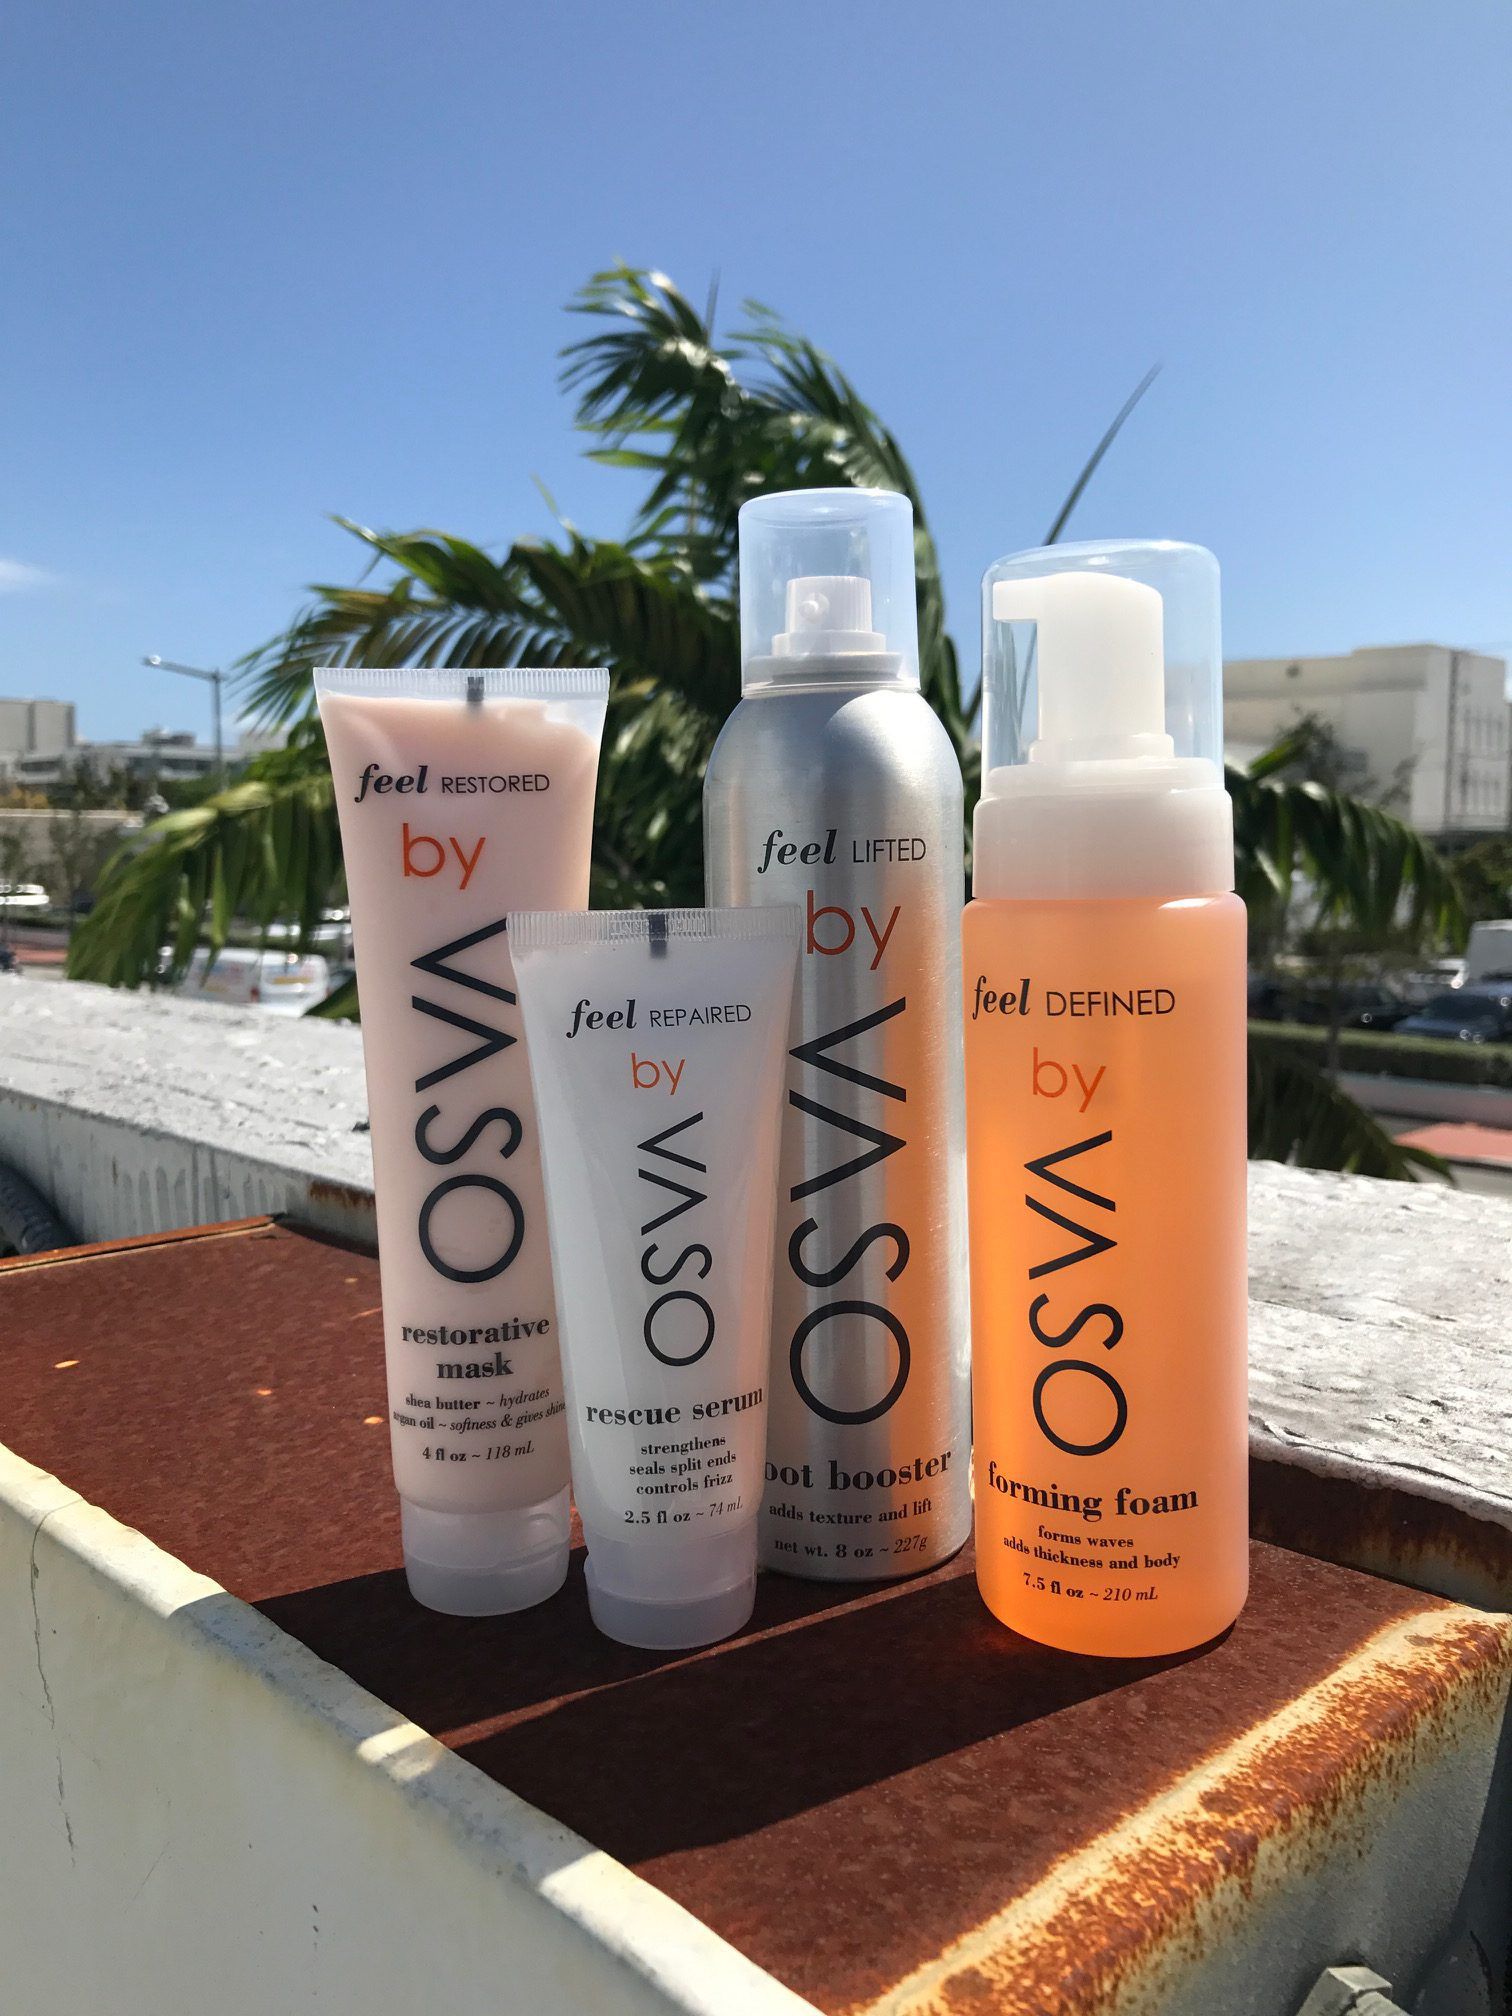 Vaso Spirou Salon Vaso Miami Beach - Get Ink Pr